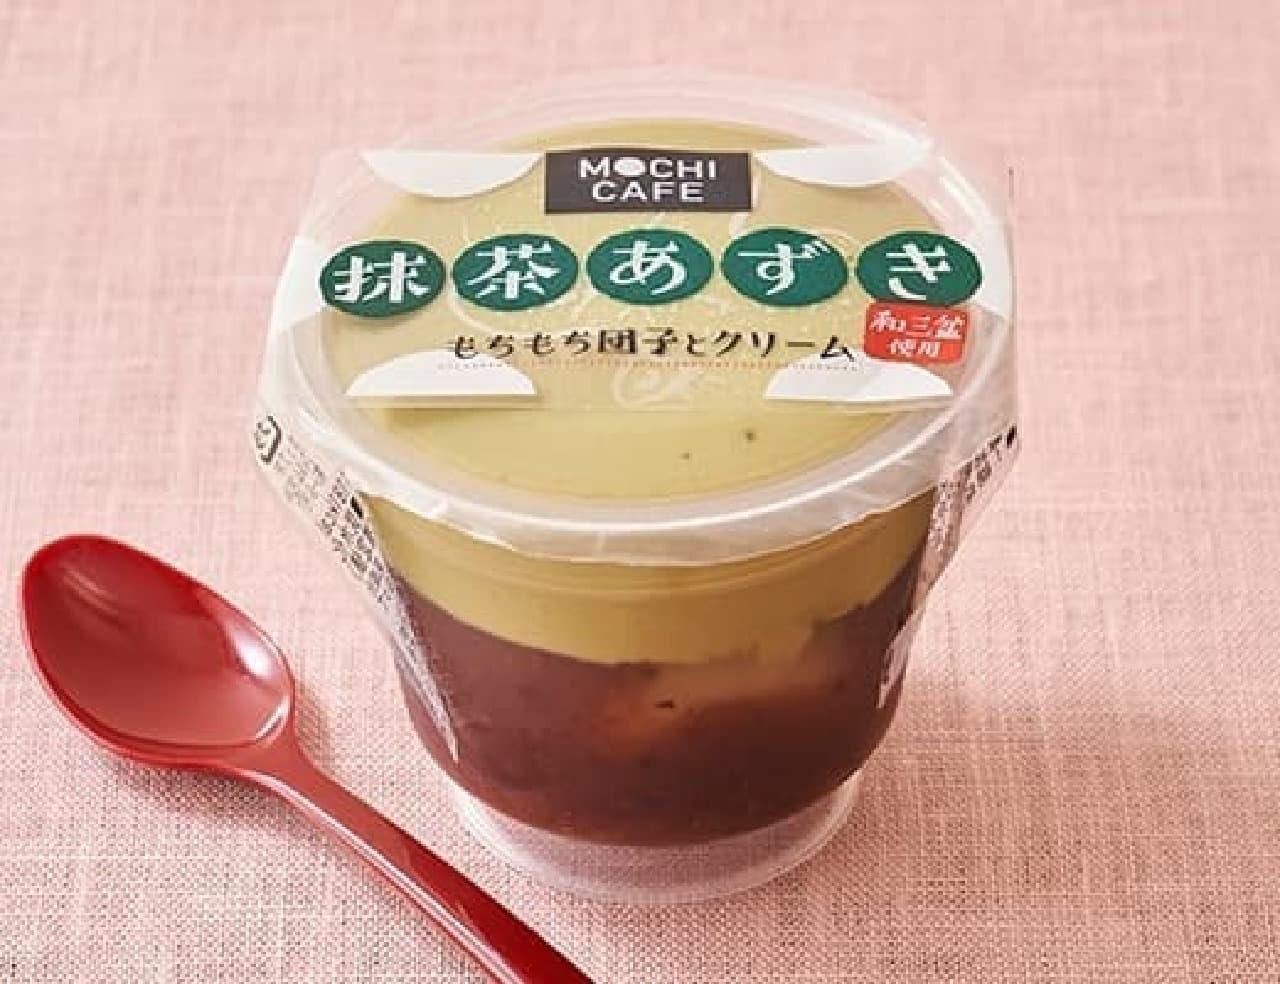 徳島産業 もちカフェ 抹茶あずき 120g